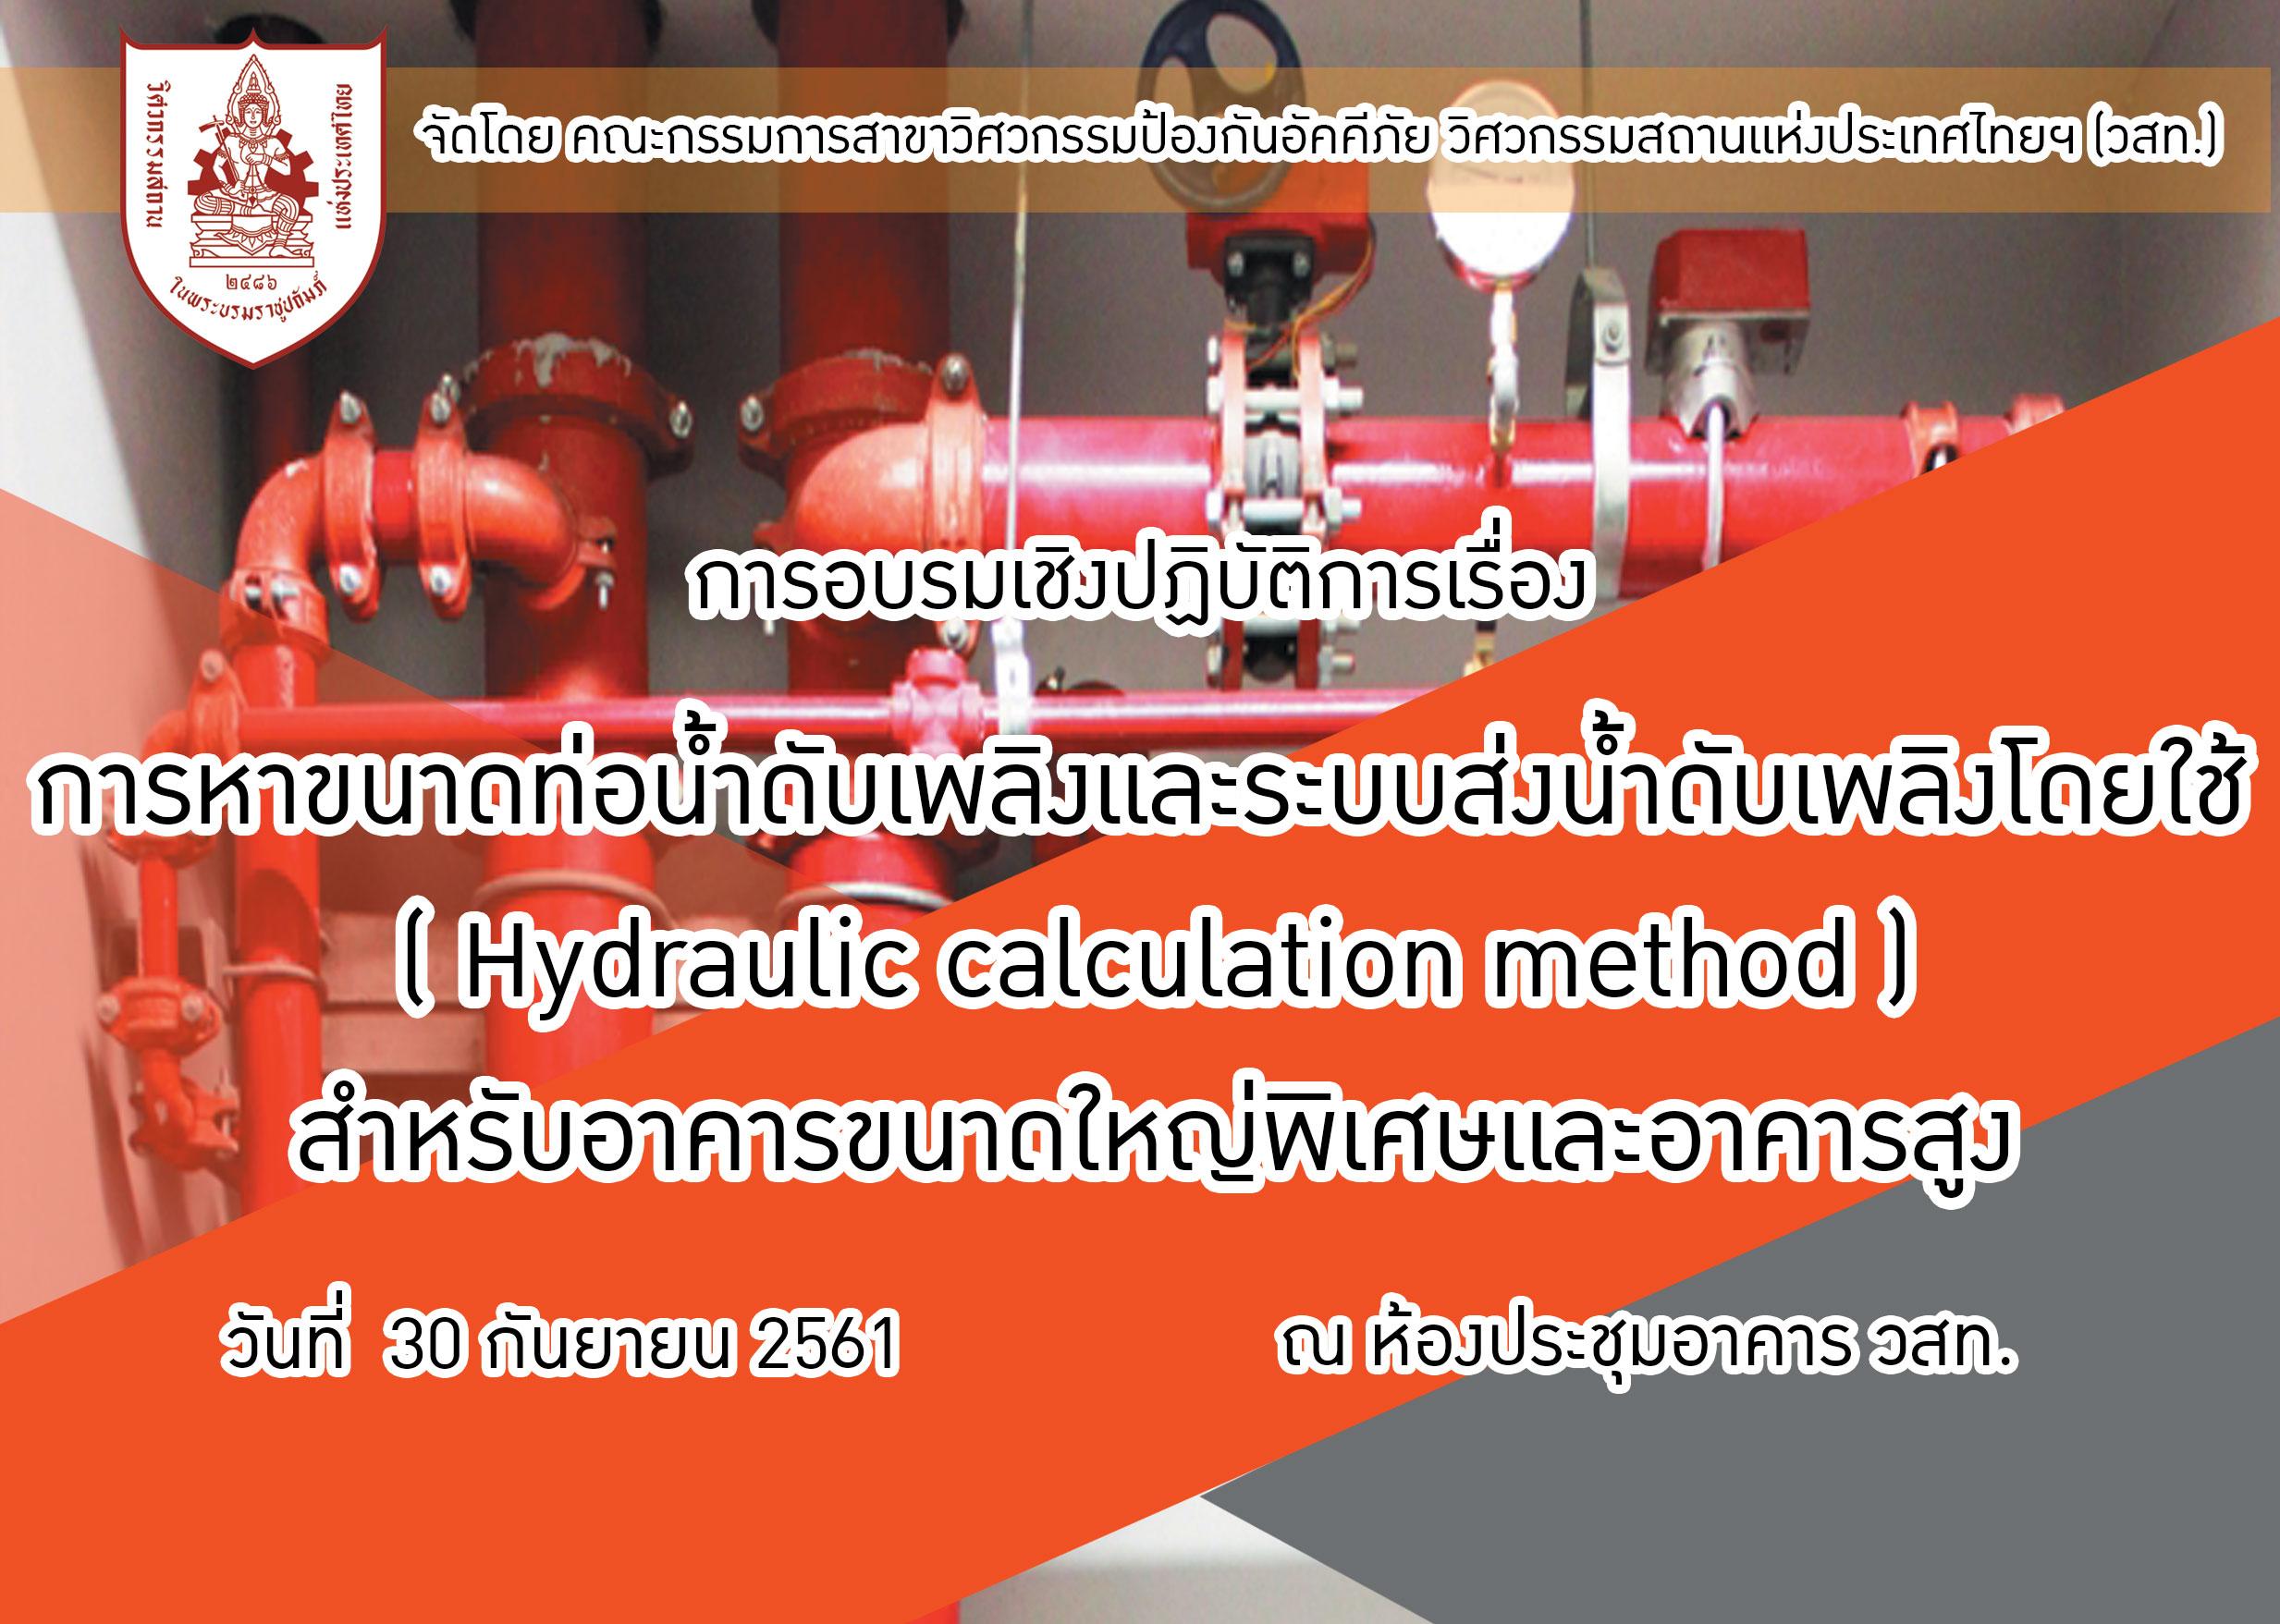 30/09/2561 การอบรมเชิงปฏิบัติการเรื่อง การหาขนาดท่อน้ำดับเพลิงและระบบส่งน้ำดับเพลิงโดยใช้ Hydraulic calculation method  สำหรับอาคารขนาดใหญ่พิเศษและอาคารสูง รุ่นที่ 2